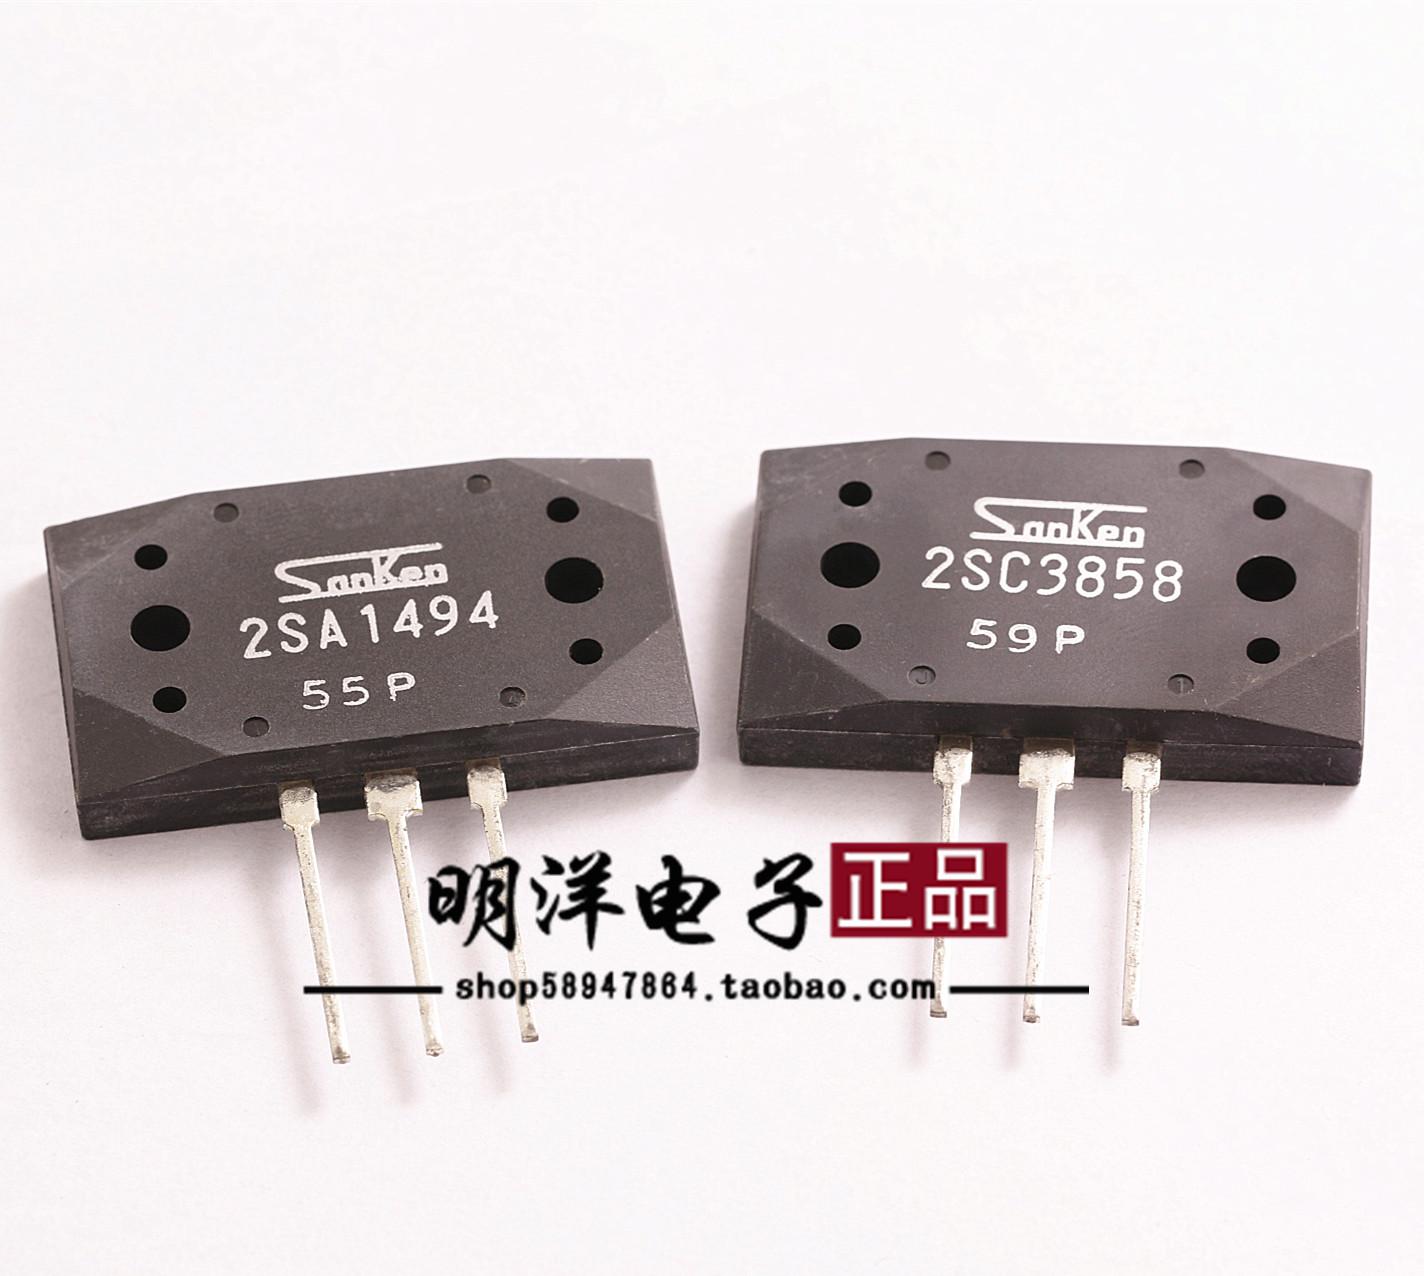 v原装大三肯2SASA14942SCSC3858原装全新A1494/C3858三肯管配对